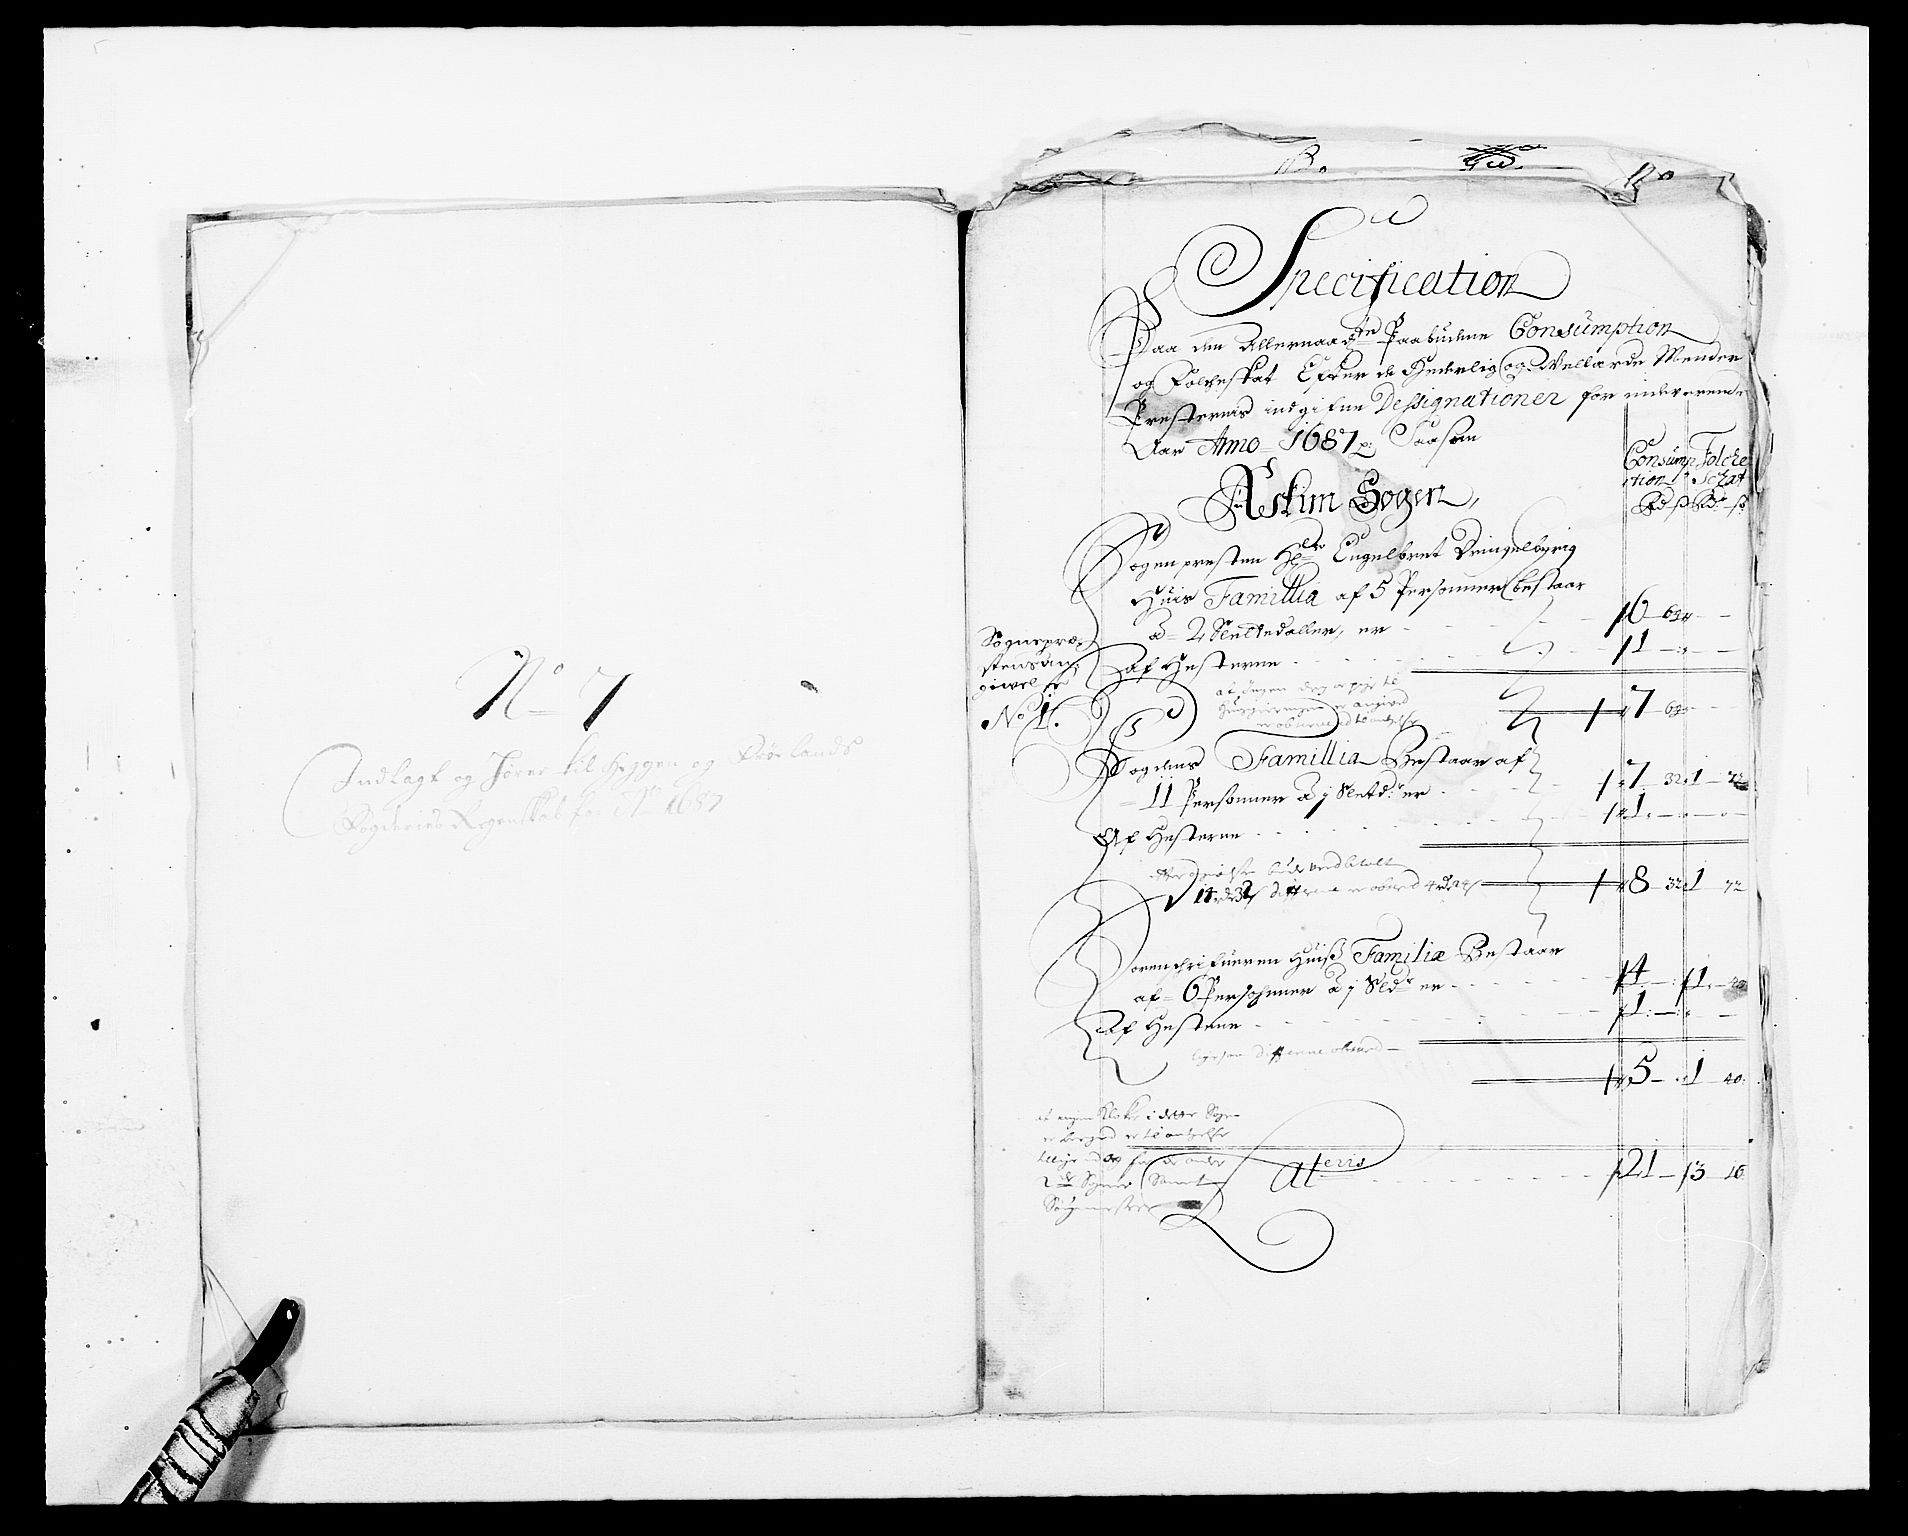 RA, Rentekammeret inntil 1814, Reviderte regnskaper, Fogderegnskap, R06/L0282: Fogderegnskap Heggen og Frøland, 1687-1690, s. 54